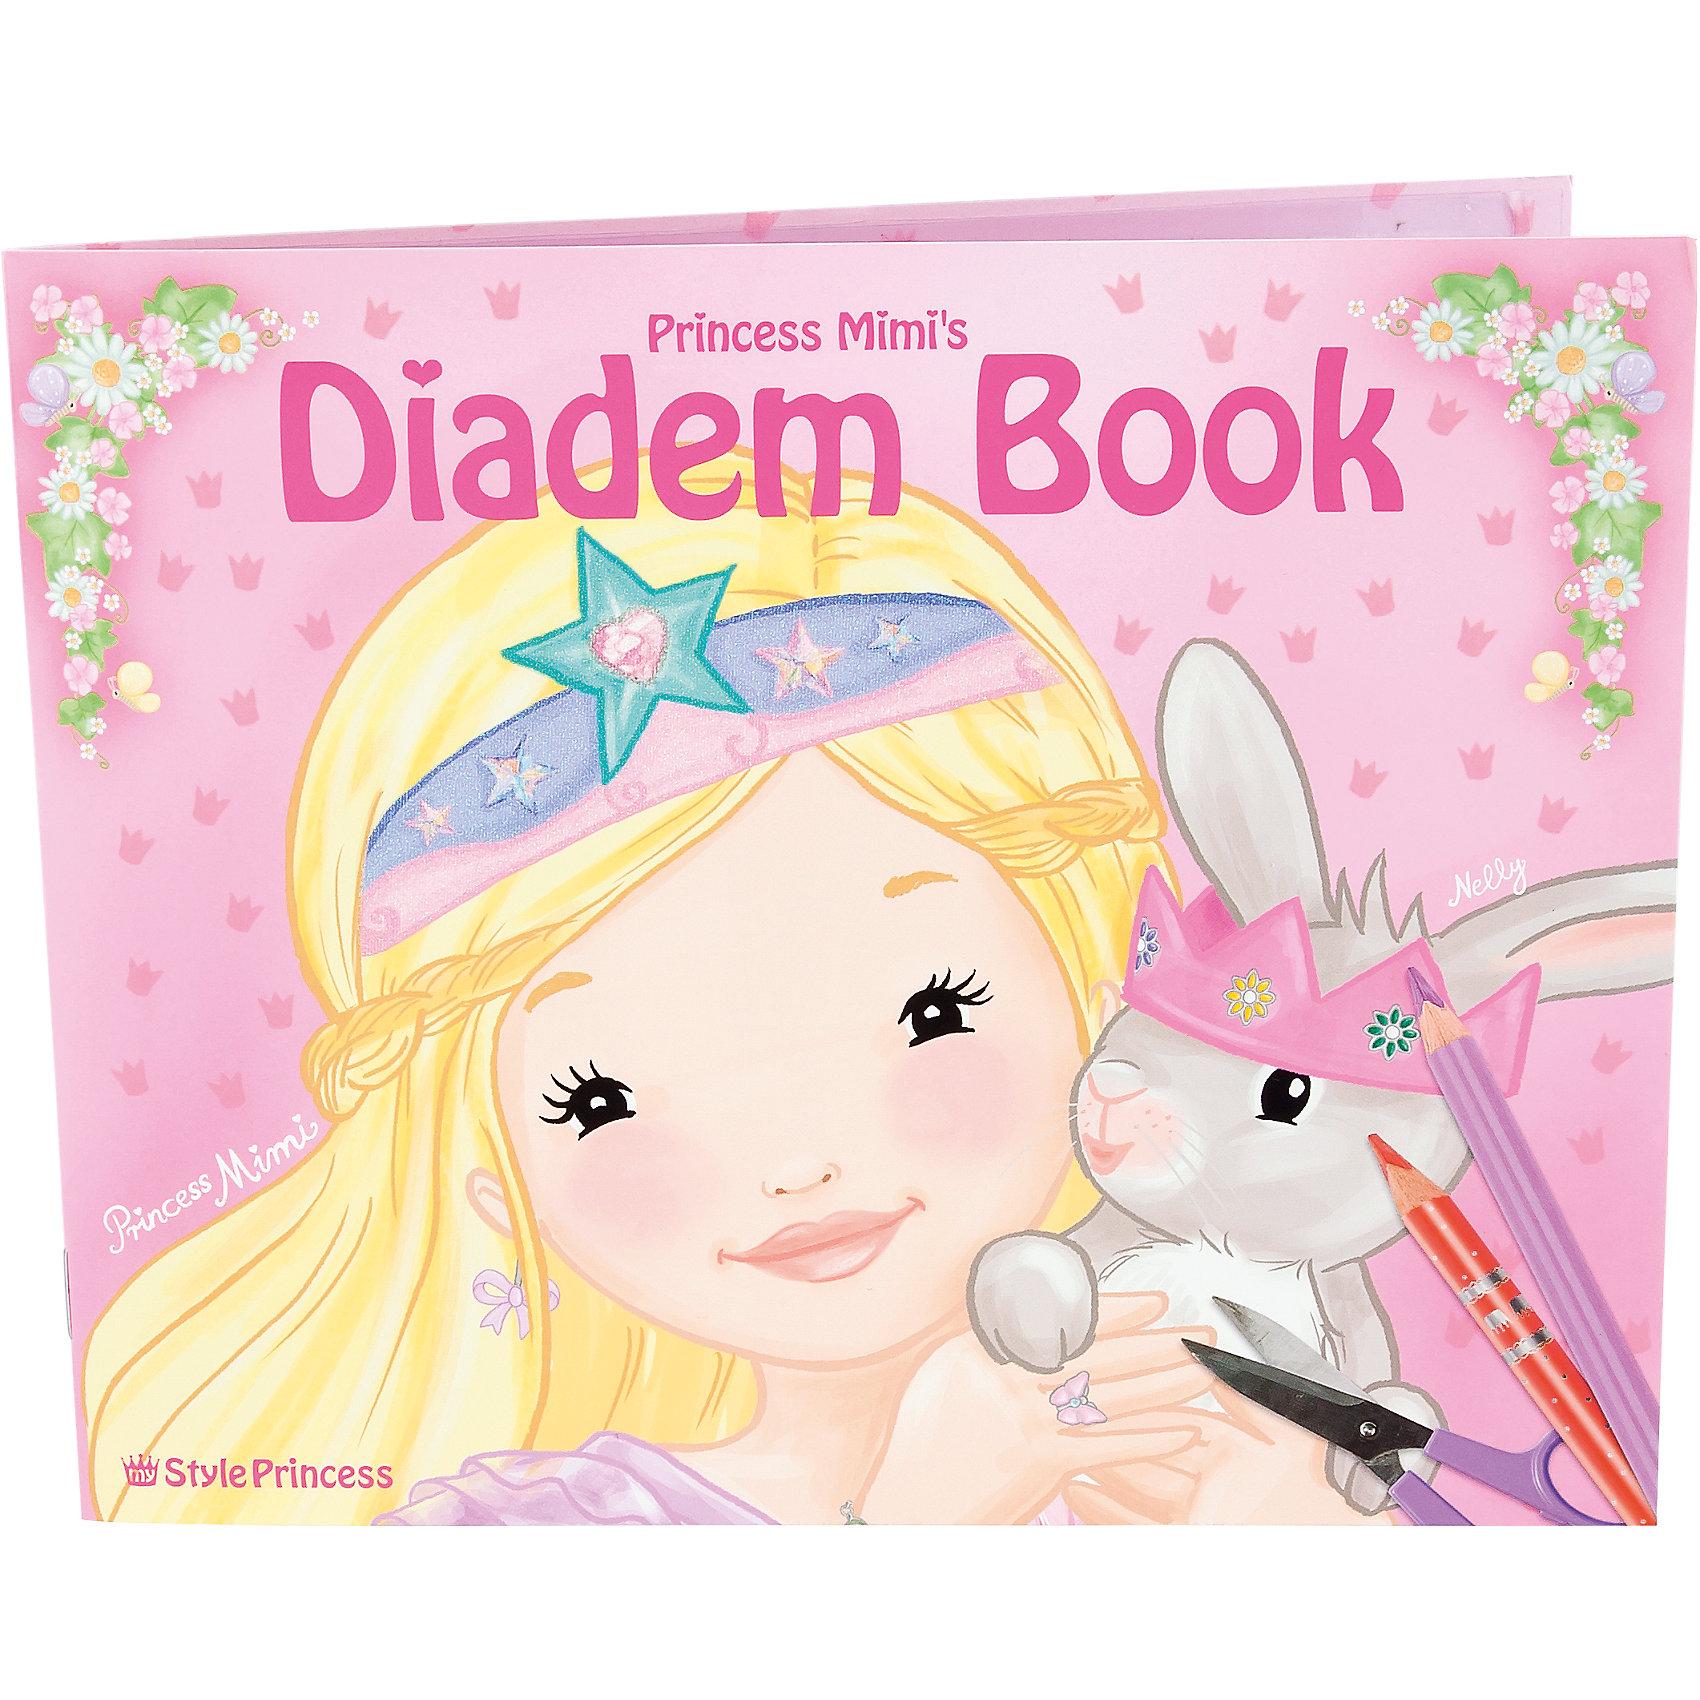 Раскраска Diadem, My Style PrincessРисование<br>Раскраска Diadem, My Style Princess<br><br>Характеристики:<br><br>• В комплекте: 8 диадем, 8 резиночек<br>• Размер: Размер 22,2х18 см<br><br>Этот альбом-раскраска из серии TOPModel позволит вашему ребенку почувствовать себя настоящим дизайнером-стилистом и окунуться в мир моды. Ребенок сможет не только нарисовать личный дизайн диадемы, но и сделать ее собственными руками! В наборе содержится все, что пригодится для такой поделки. Это поможет ребенку развить воображение и чувство вкуса. <br><br>Раскраска Diadem, My Style Princess можно купить в нашем интернет-магазине.<br><br>Ширина мм: 220<br>Глубина мм: 180<br>Высота мм: 5<br>Вес г: 100<br>Возраст от месяцев: -2147483648<br>Возраст до месяцев: 2147483647<br>Пол: Женский<br>Возраст: Детский<br>SKU: 3498481